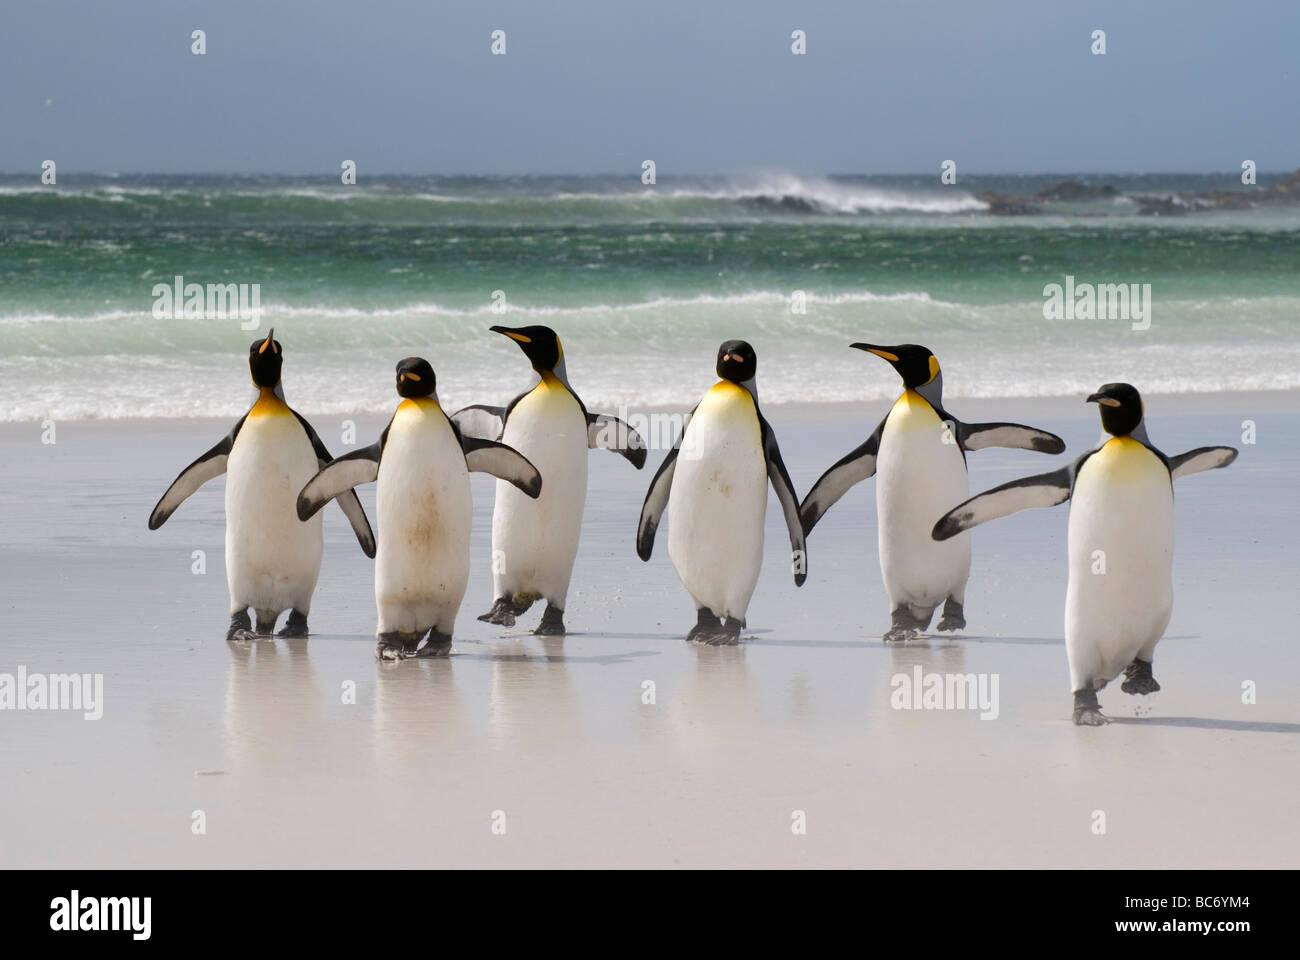 Un groupe de manchots royaux, Aptenodytes patagonicus, marcher sur la plage, de la mer, Banque D'Images